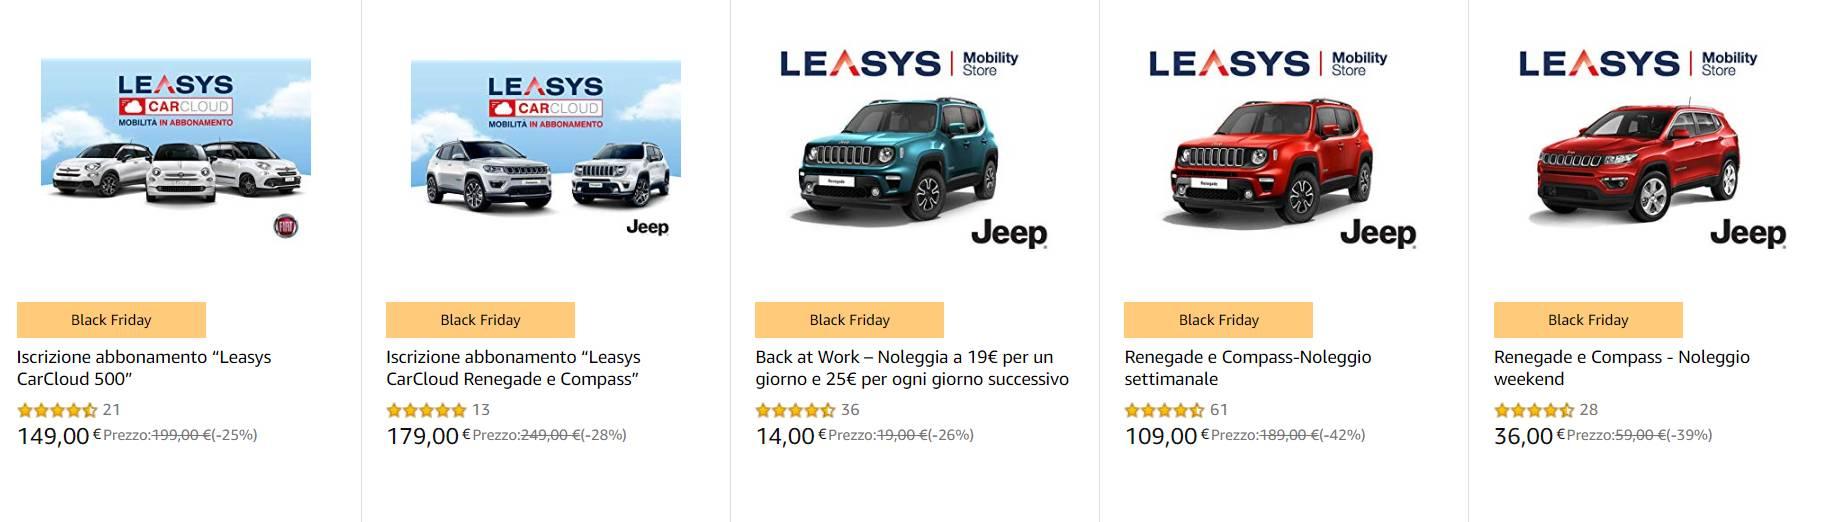 Leasys Amazon